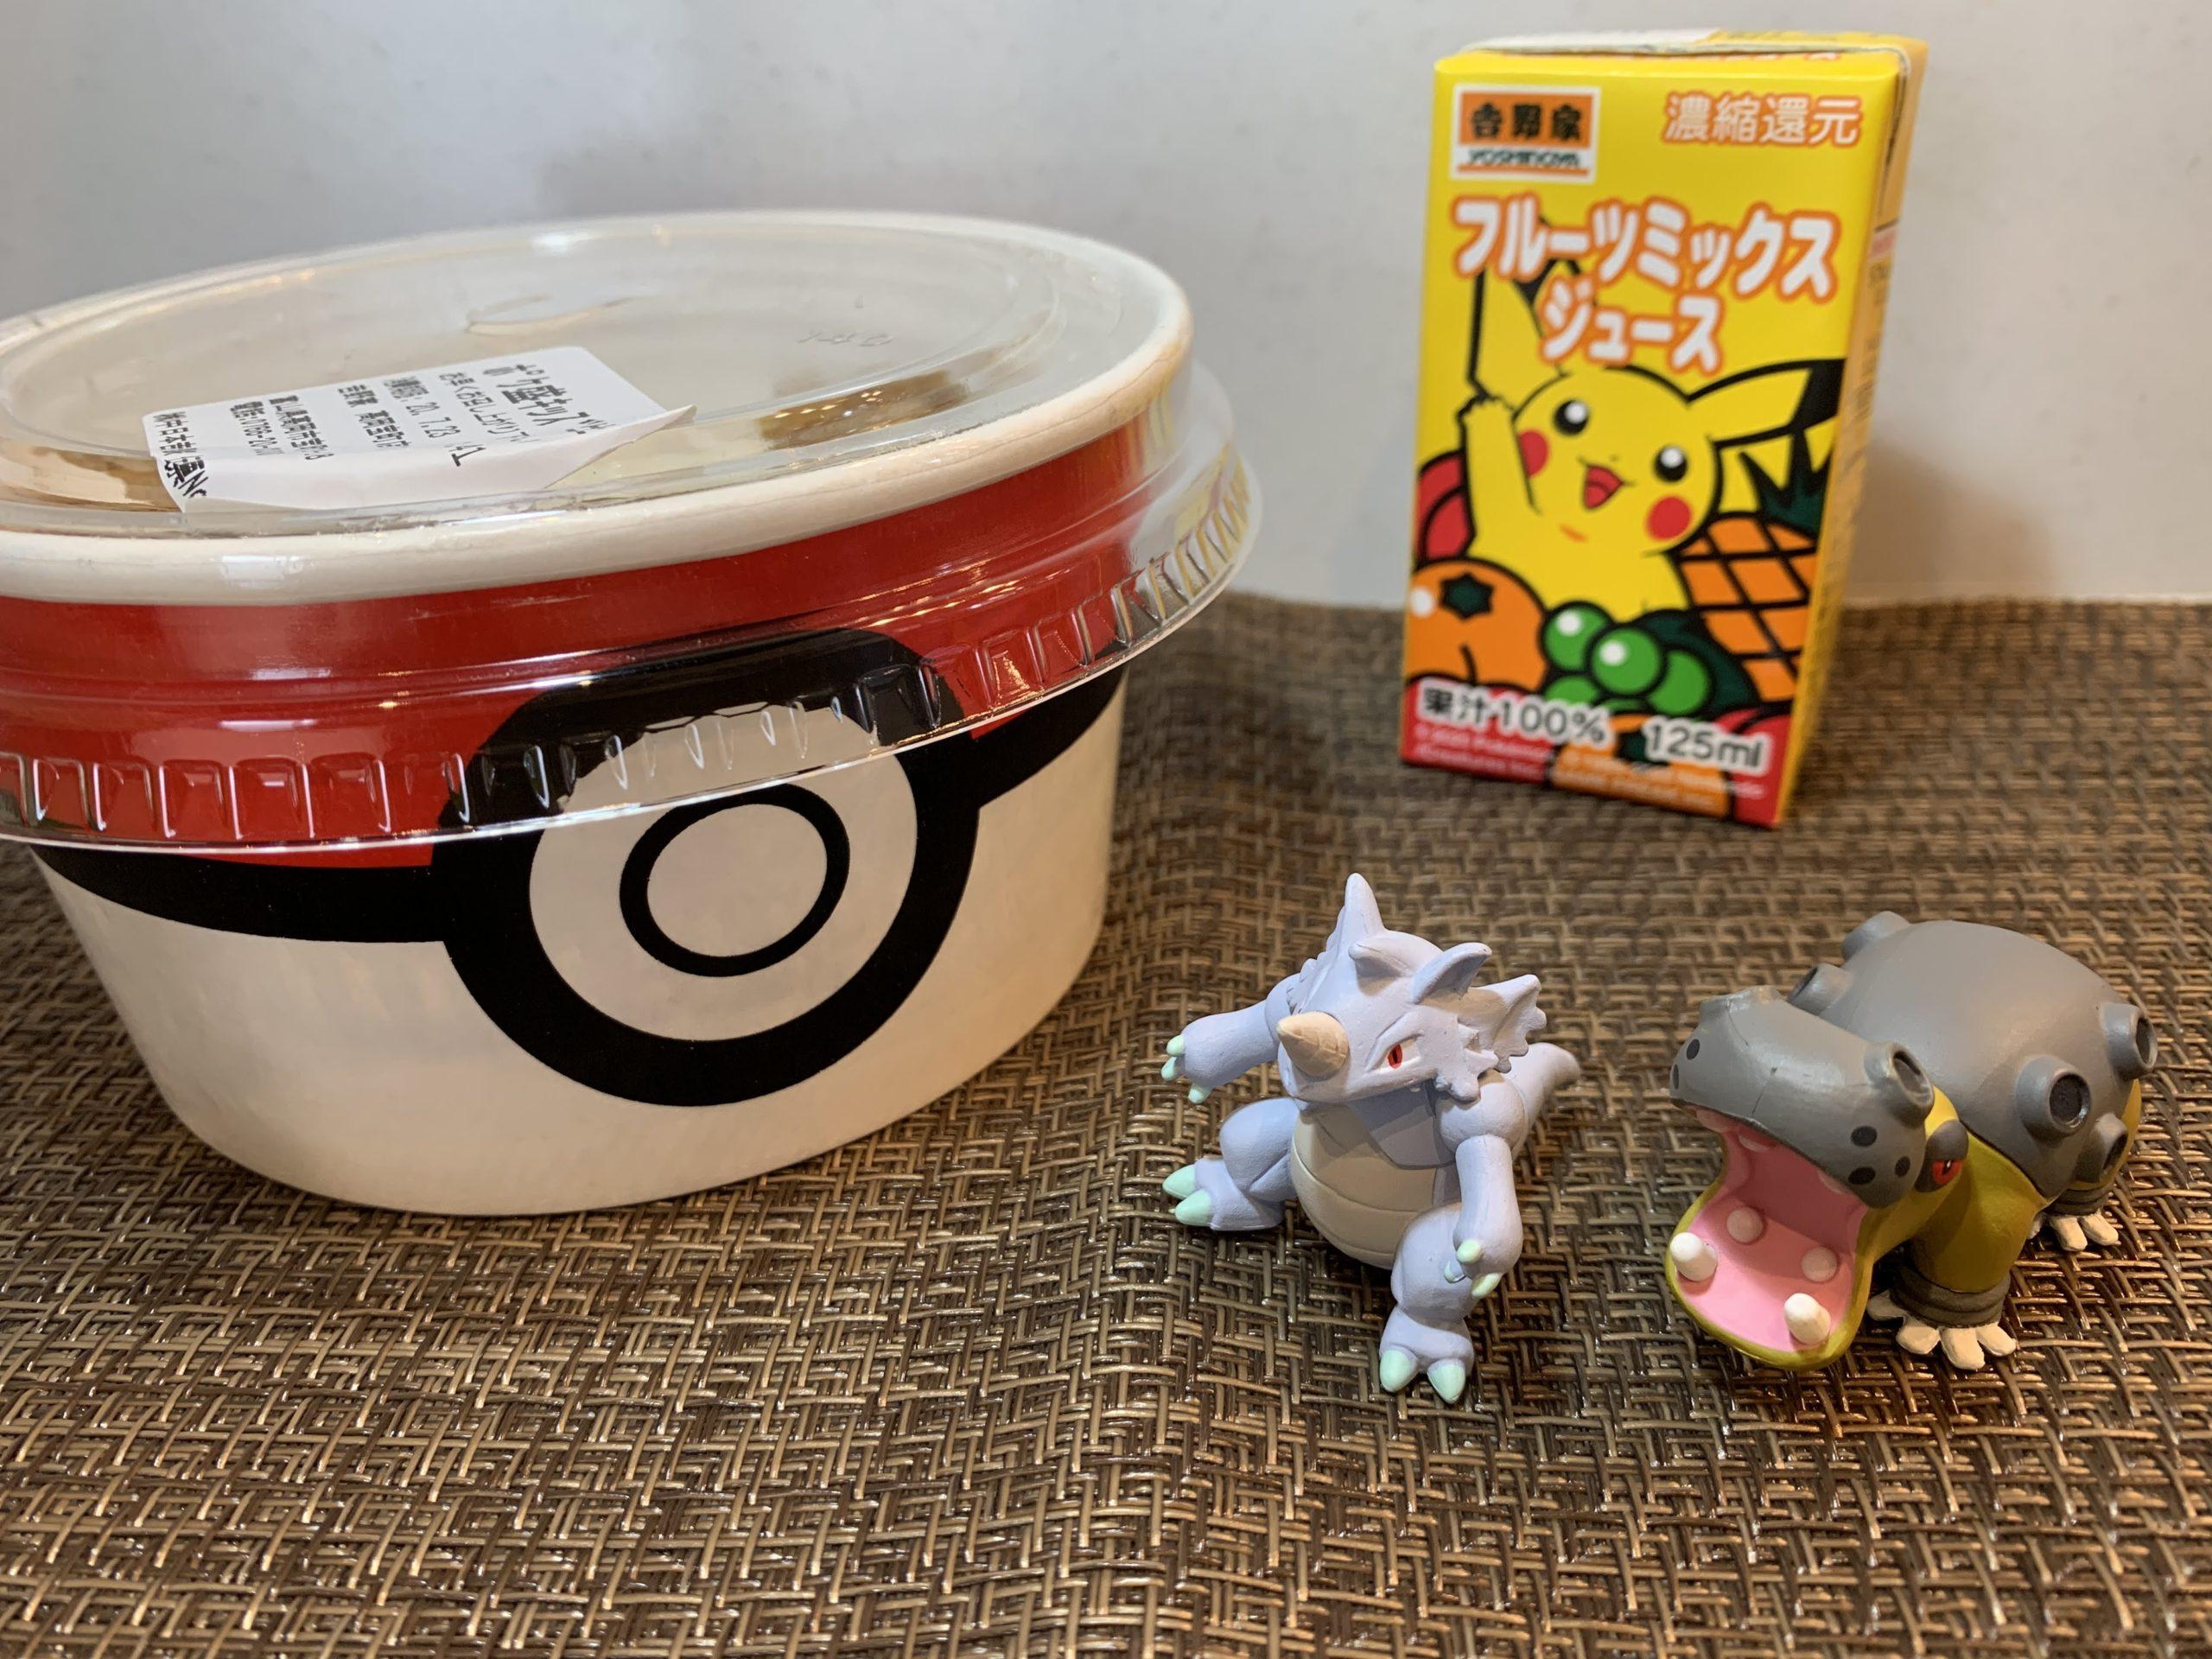 吉野家×ポケモンコラボ(ポケ盛牛丼)第2弾買ってみた:フィギュアは何が当たった?